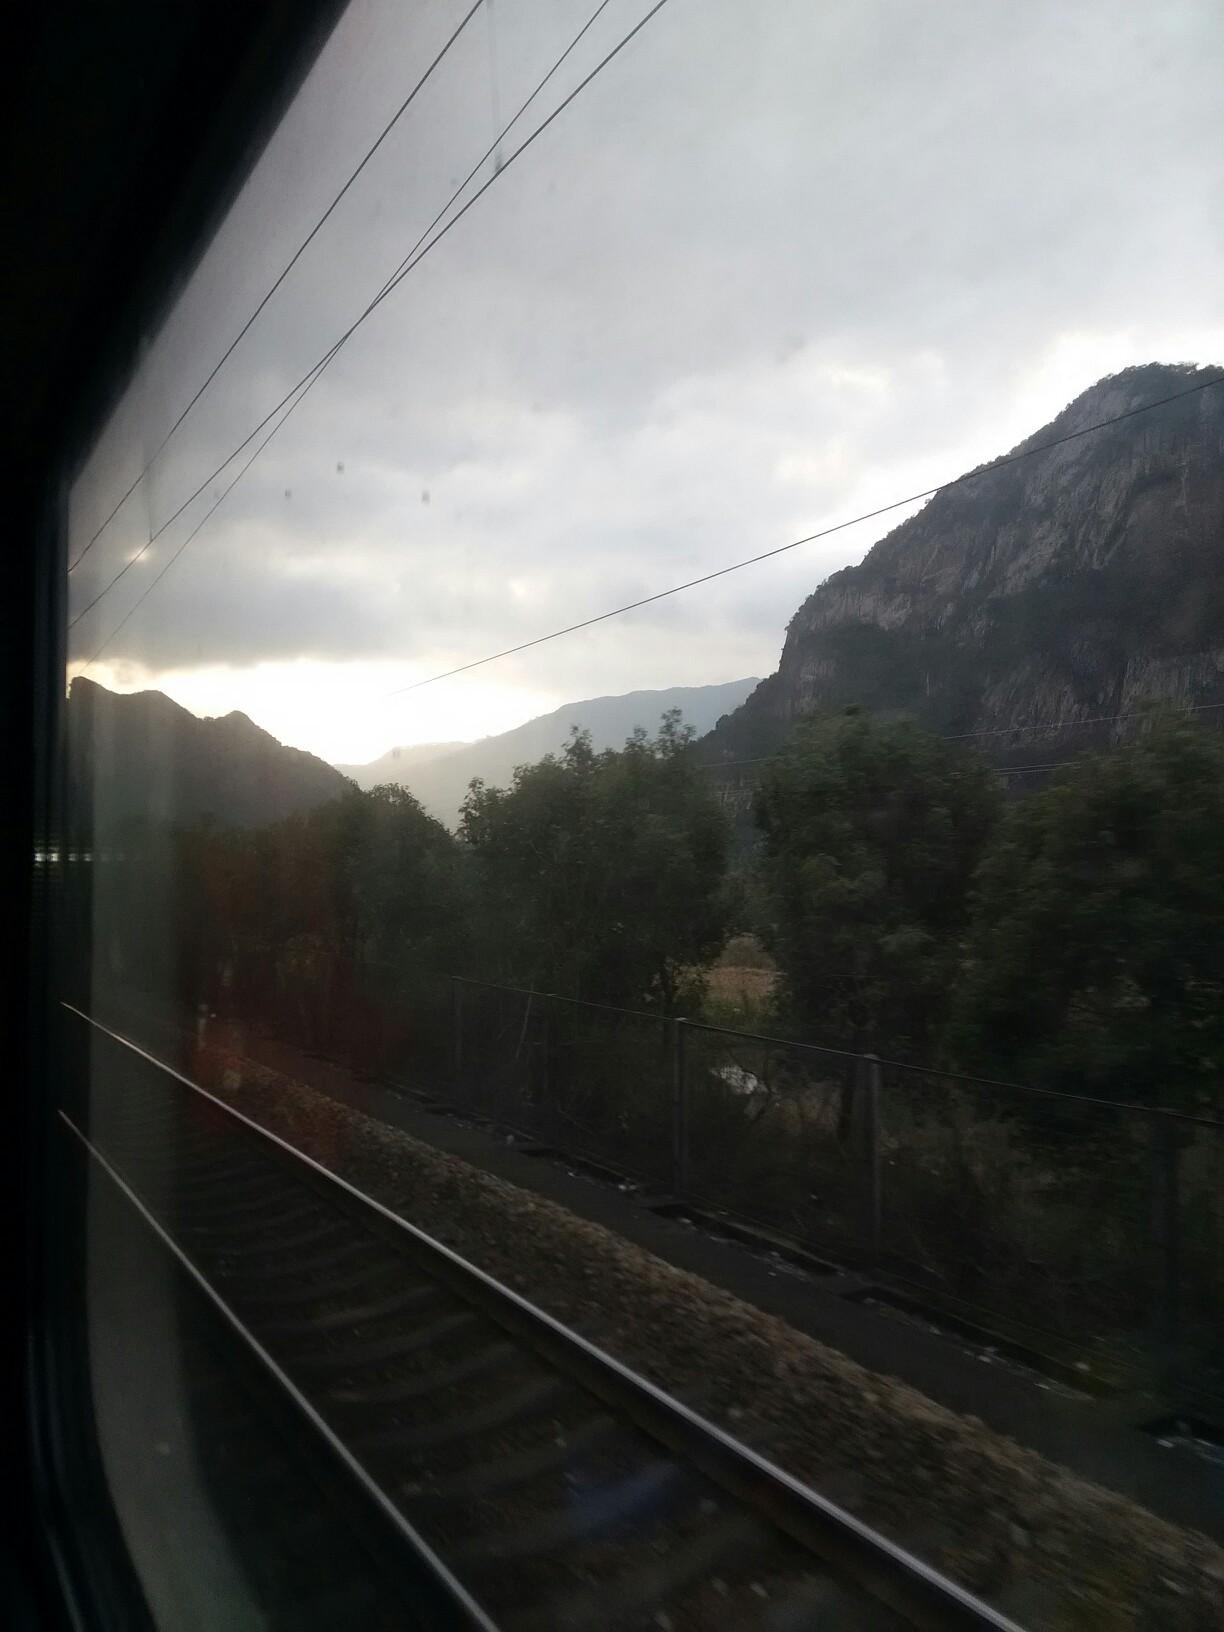 早安~窗外的风景